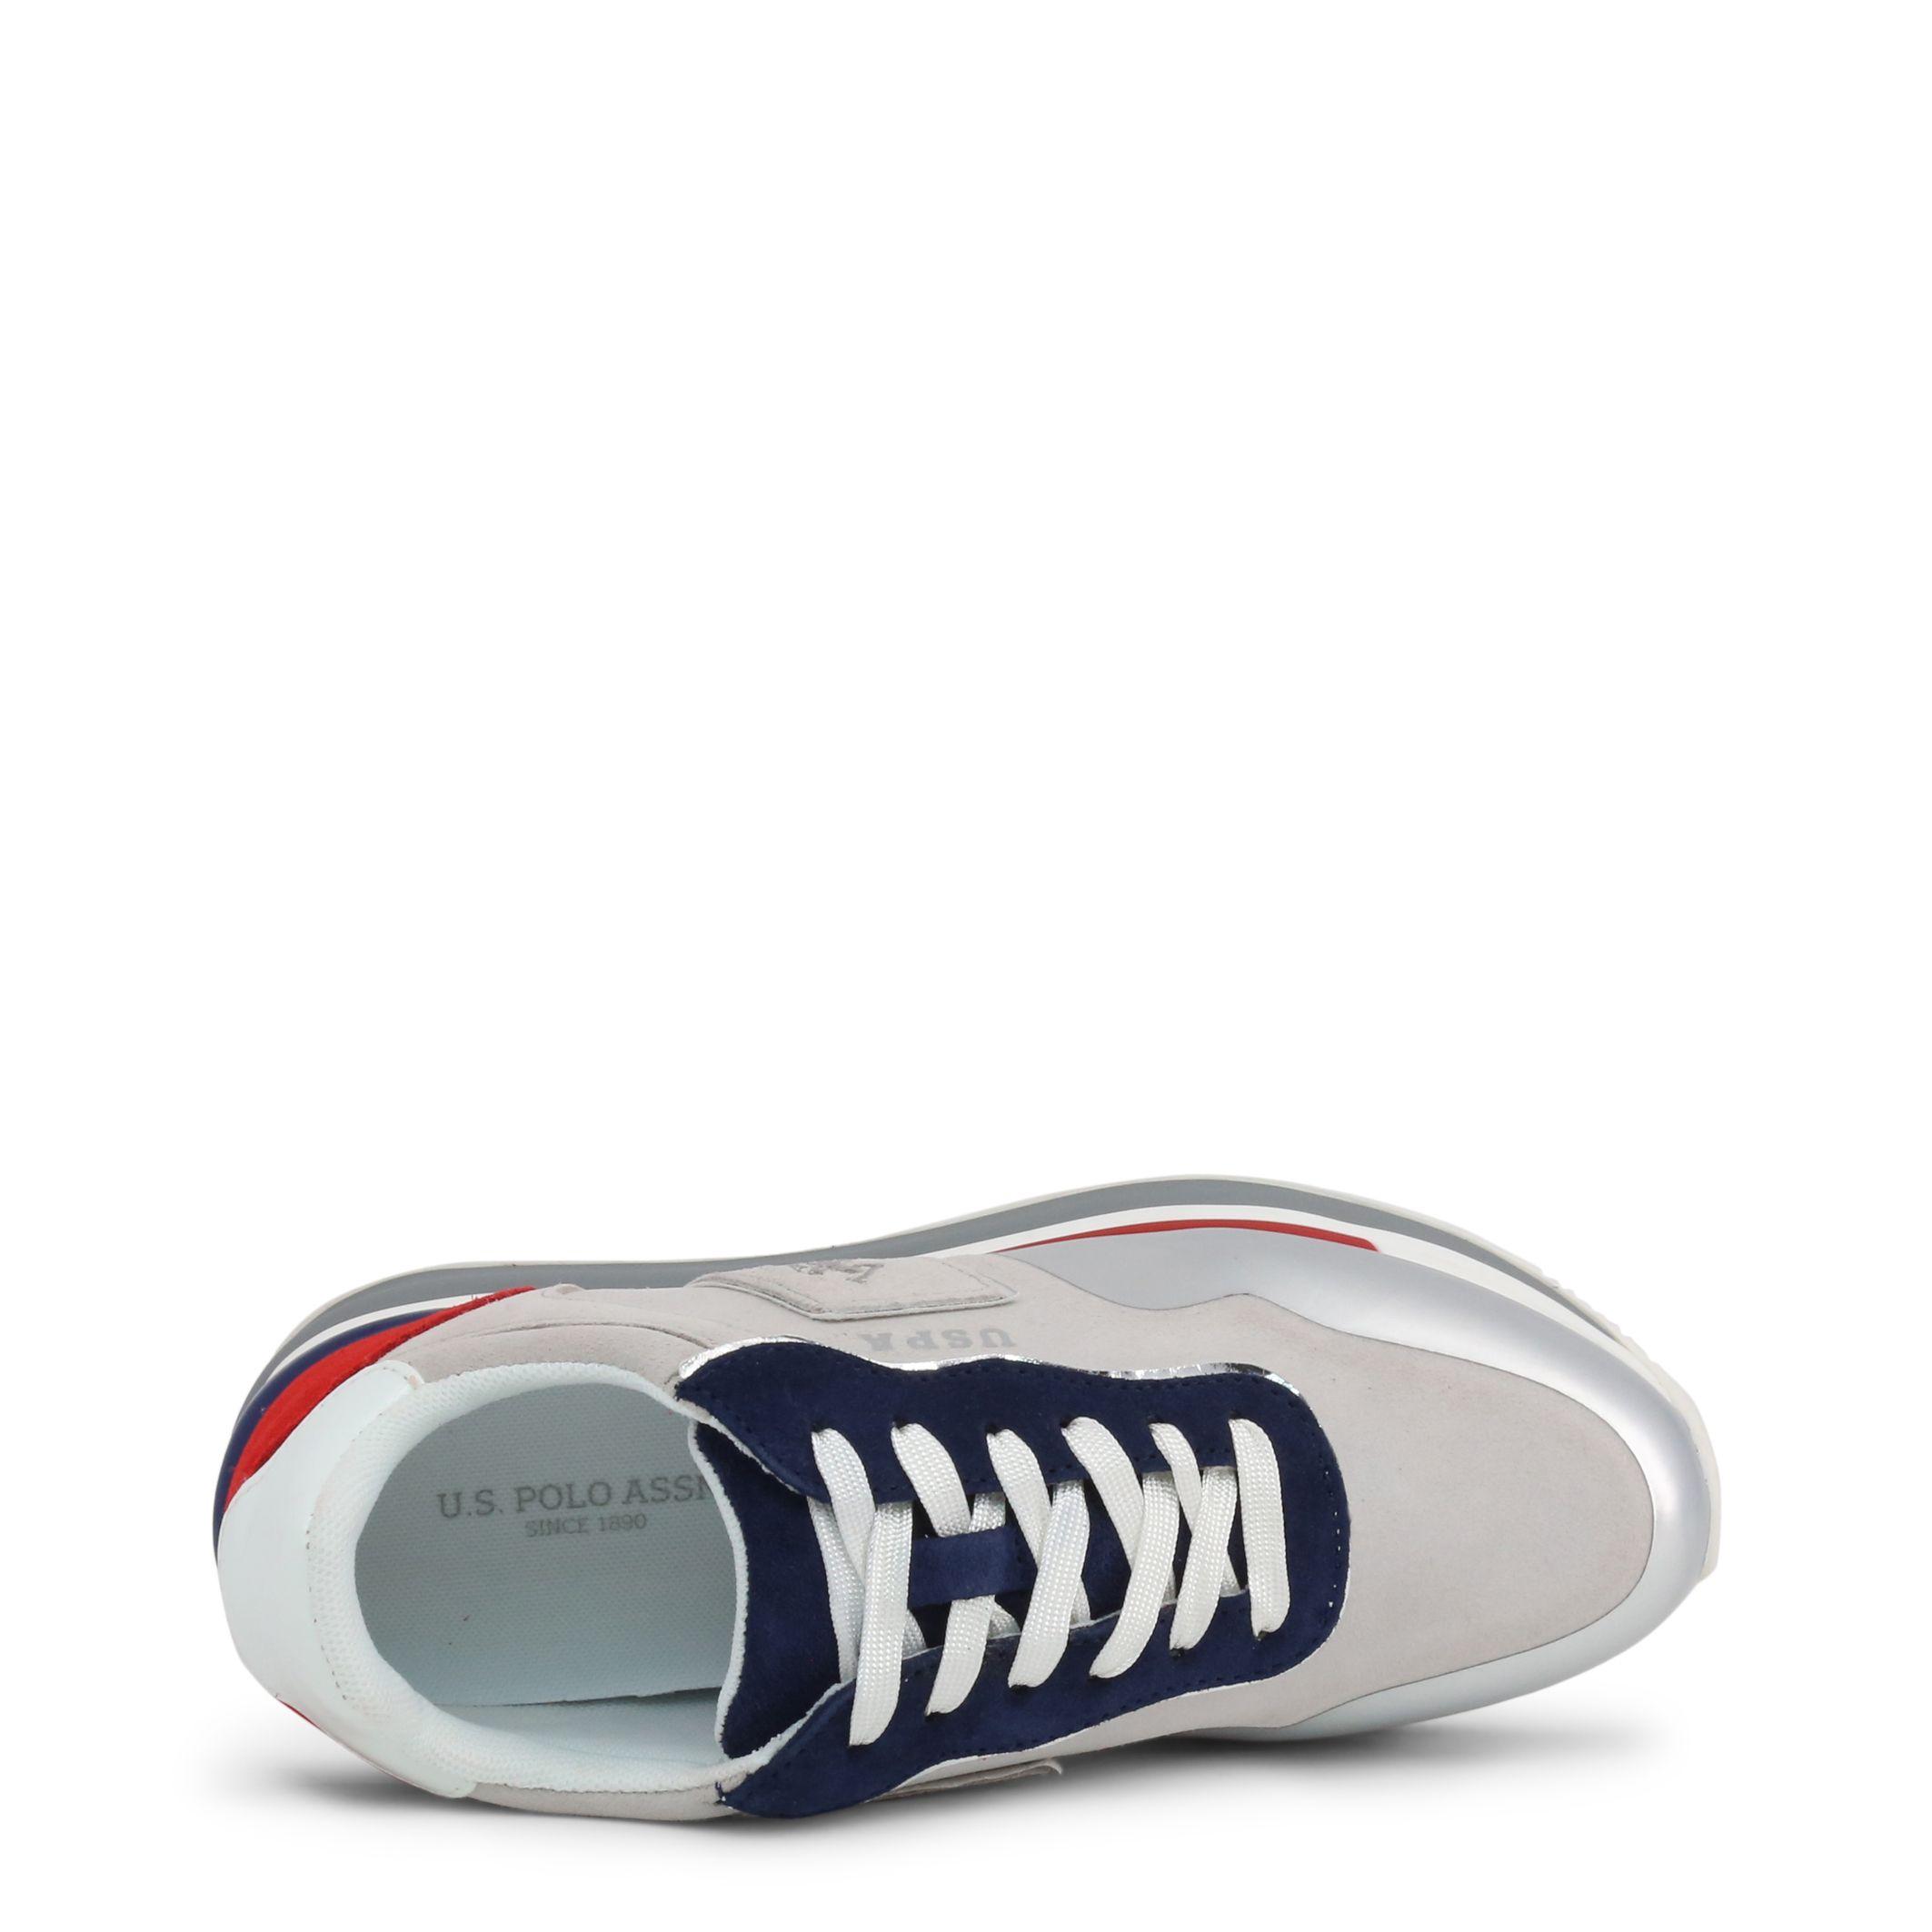 U.S. Polo Assn. Womens Sneakers